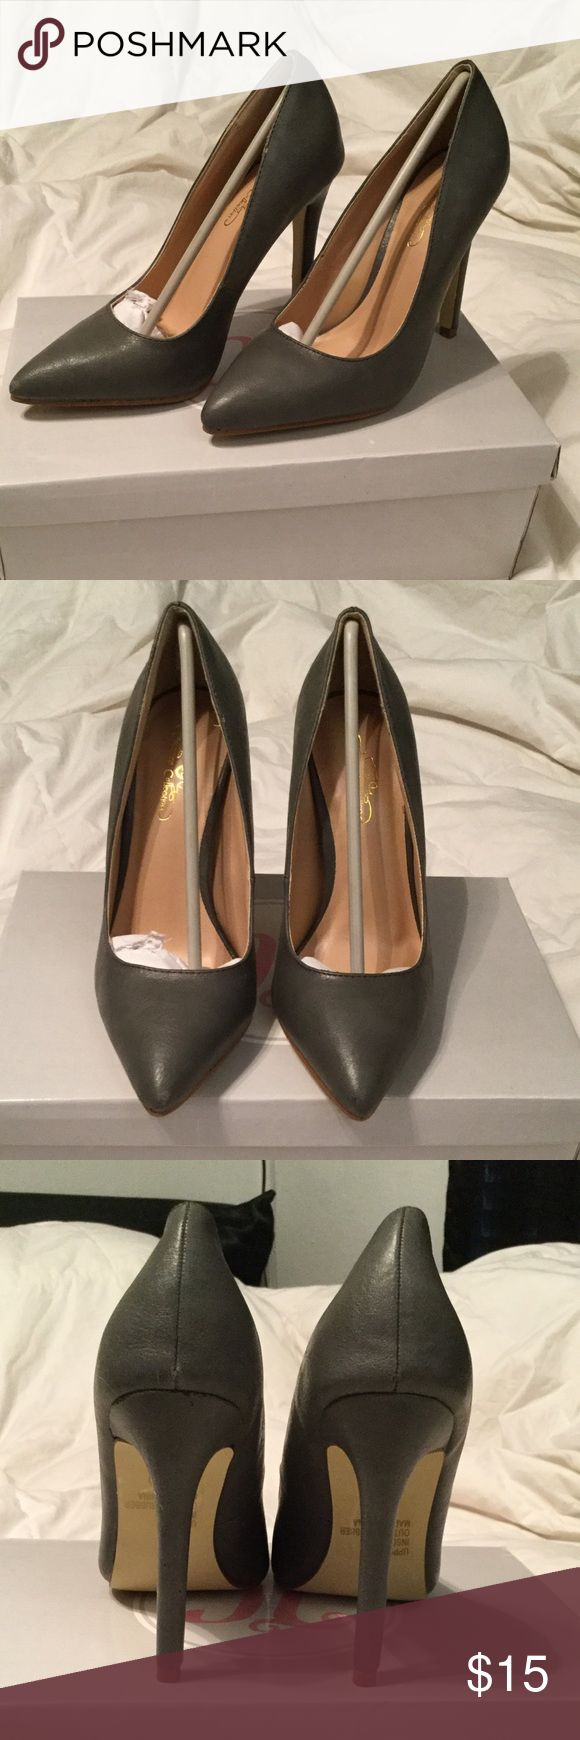 Grey pumps NWOT Still in box, Musty grey pumps  WOMEN SIZE: 6 Shoes Heels